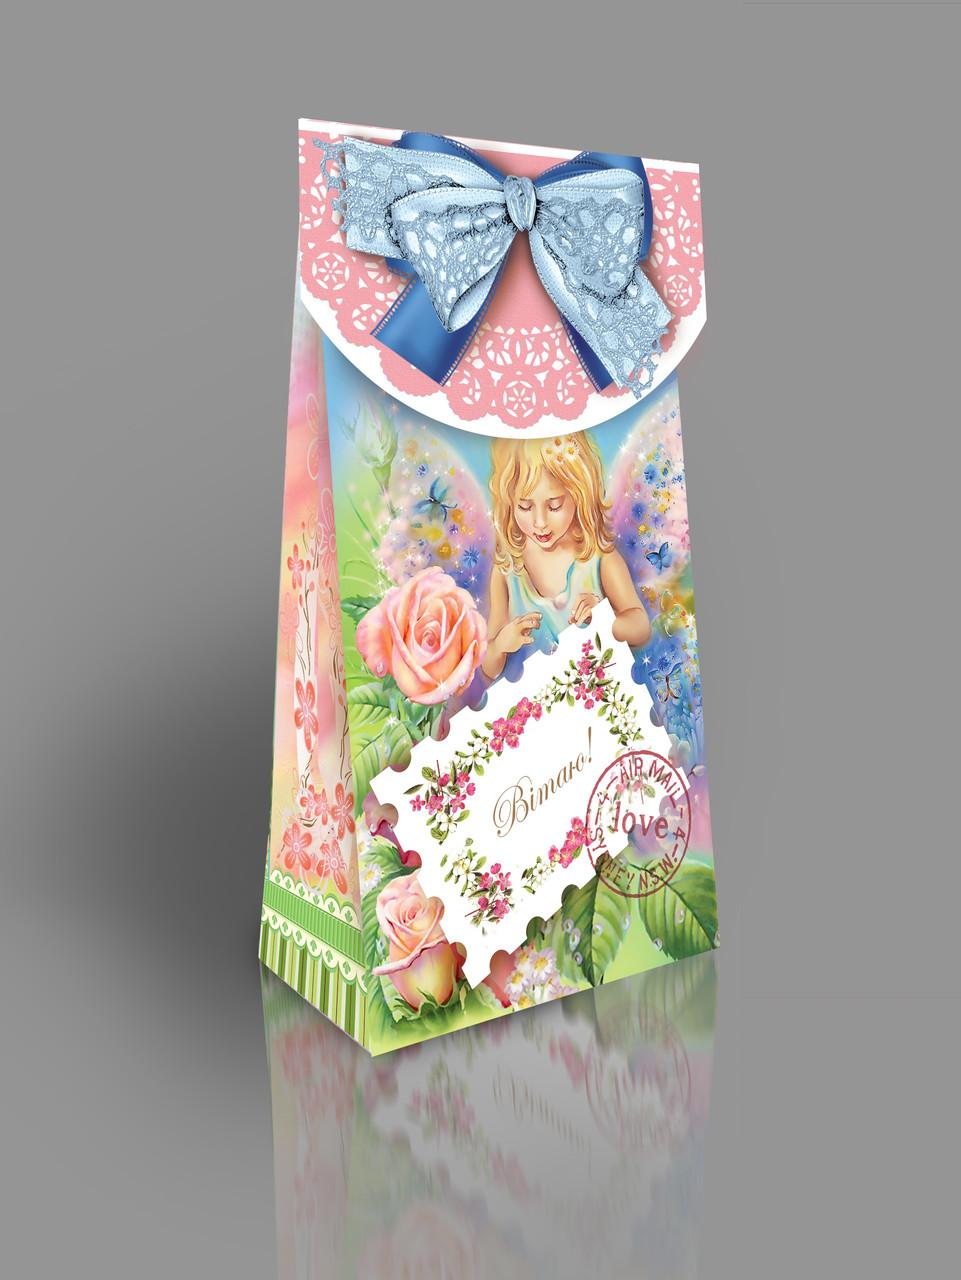 Картонная подарочная упаковка с открыткой Святкова, на вес до 250г, оптом